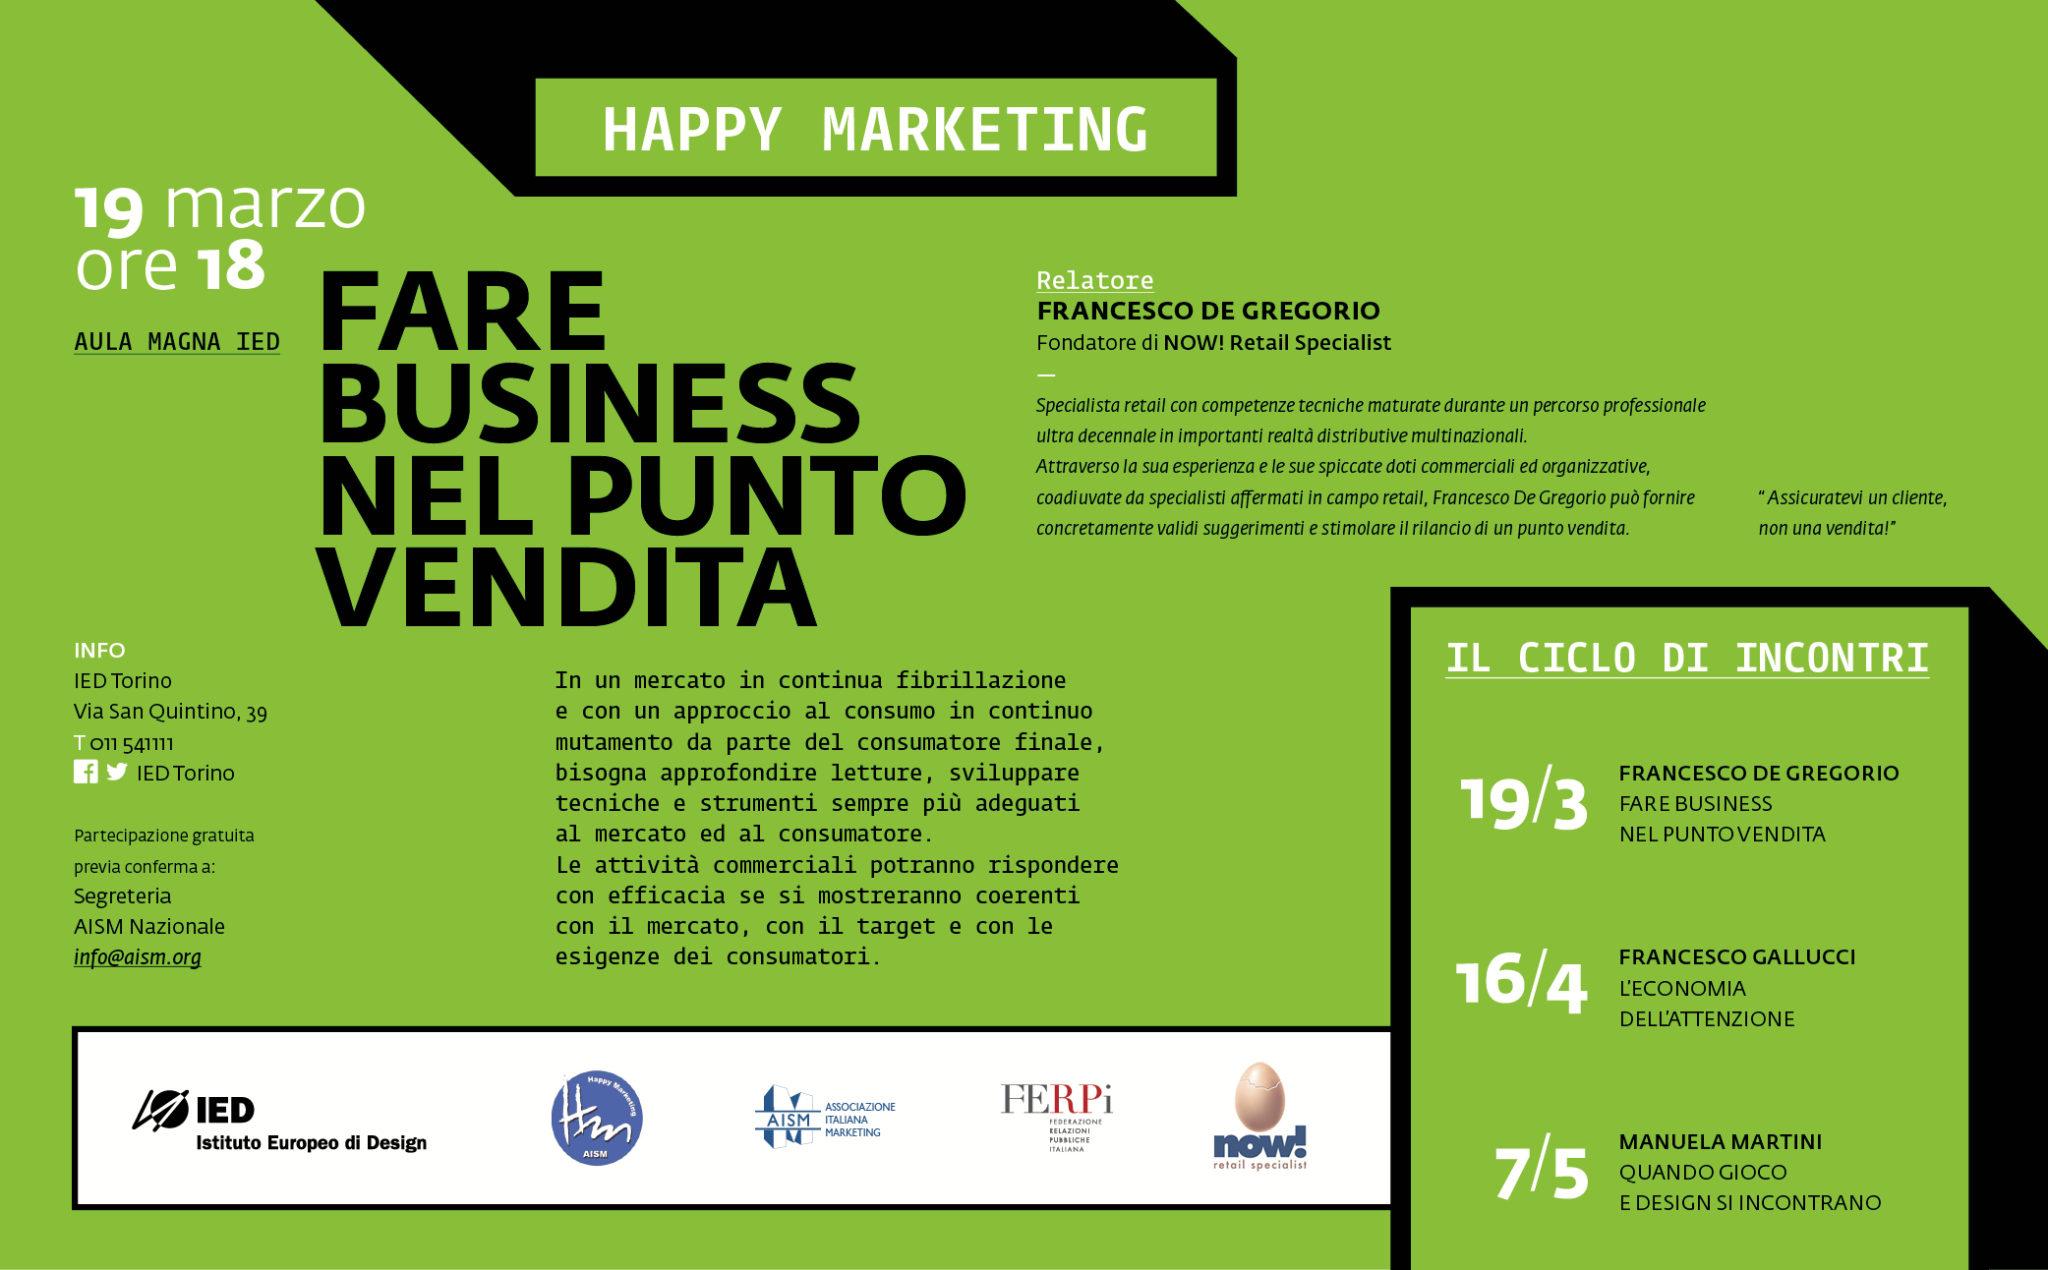 HappyMarketing_FARE BUSINESS NEL PUNTO VENDITA